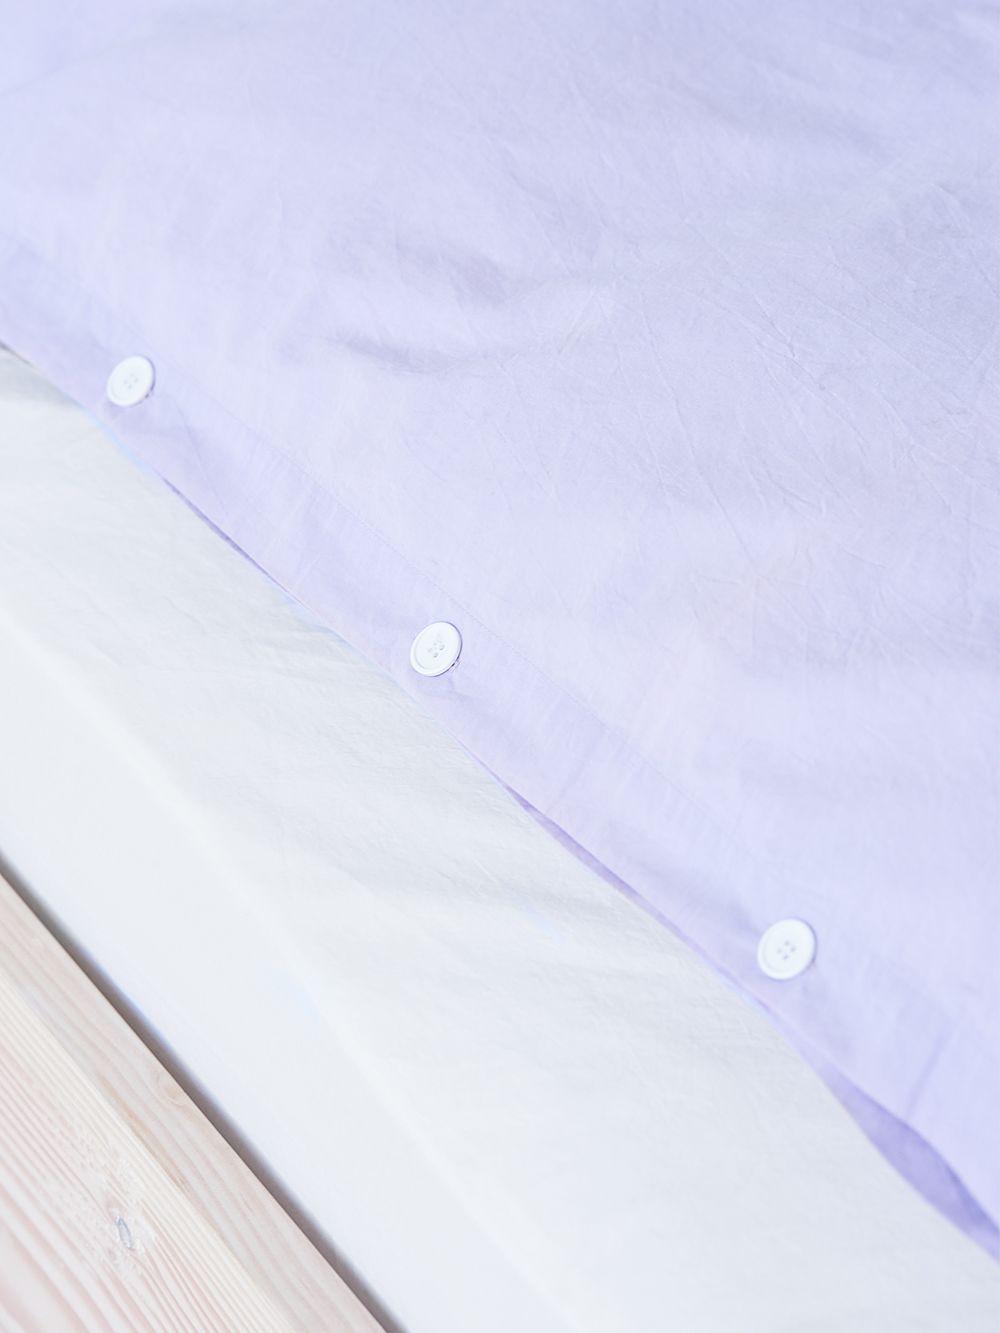 Teklan laventelin värinen pussilakana lähikuvassa.